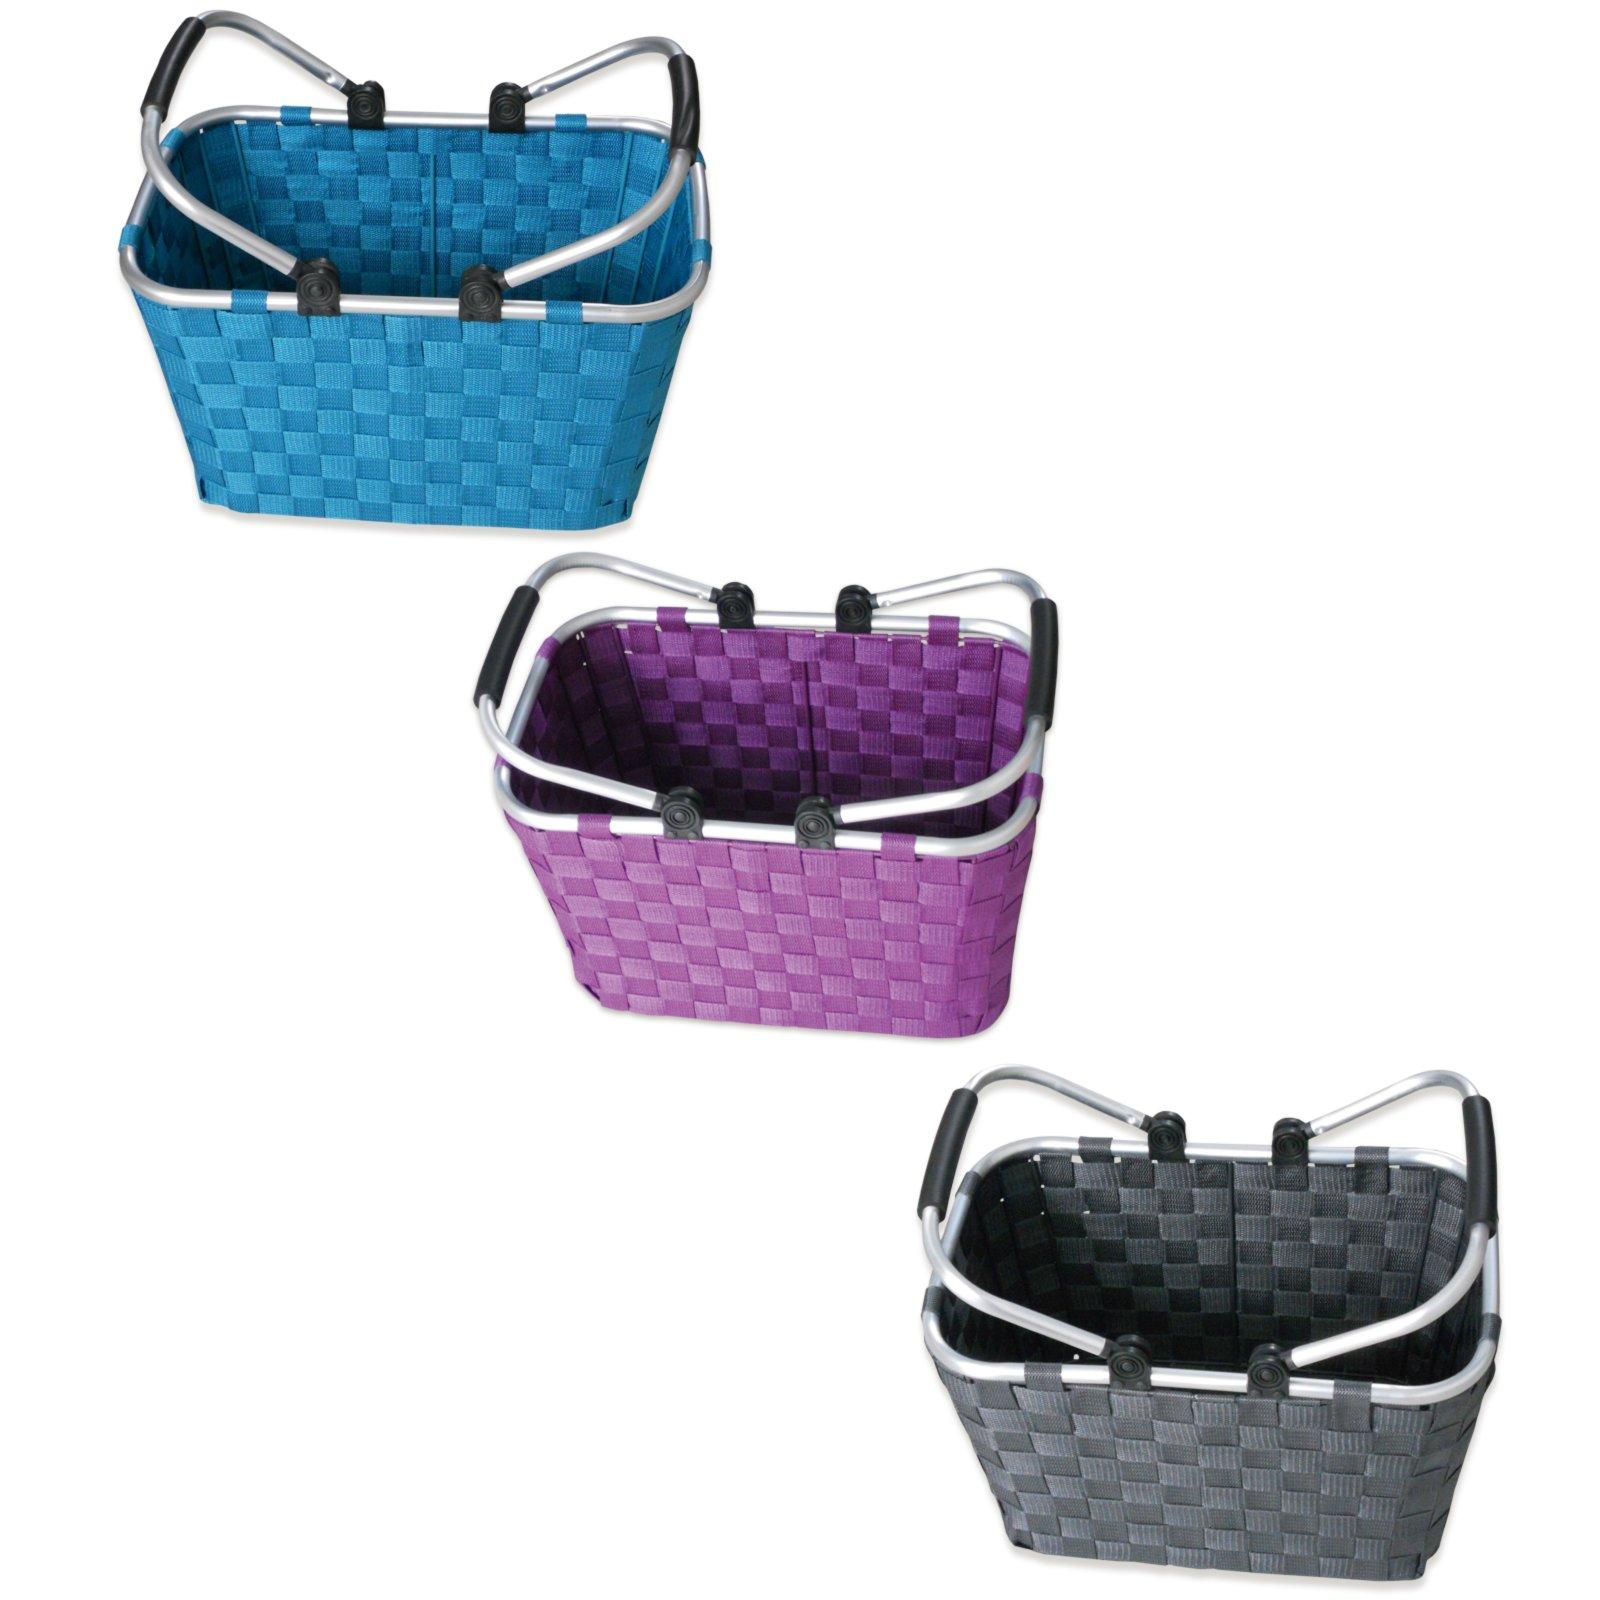 einkaufskorb mit doppelhenkel sortiertes design einkaufsk rbe taschen aufbewahrung. Black Bedroom Furniture Sets. Home Design Ideas